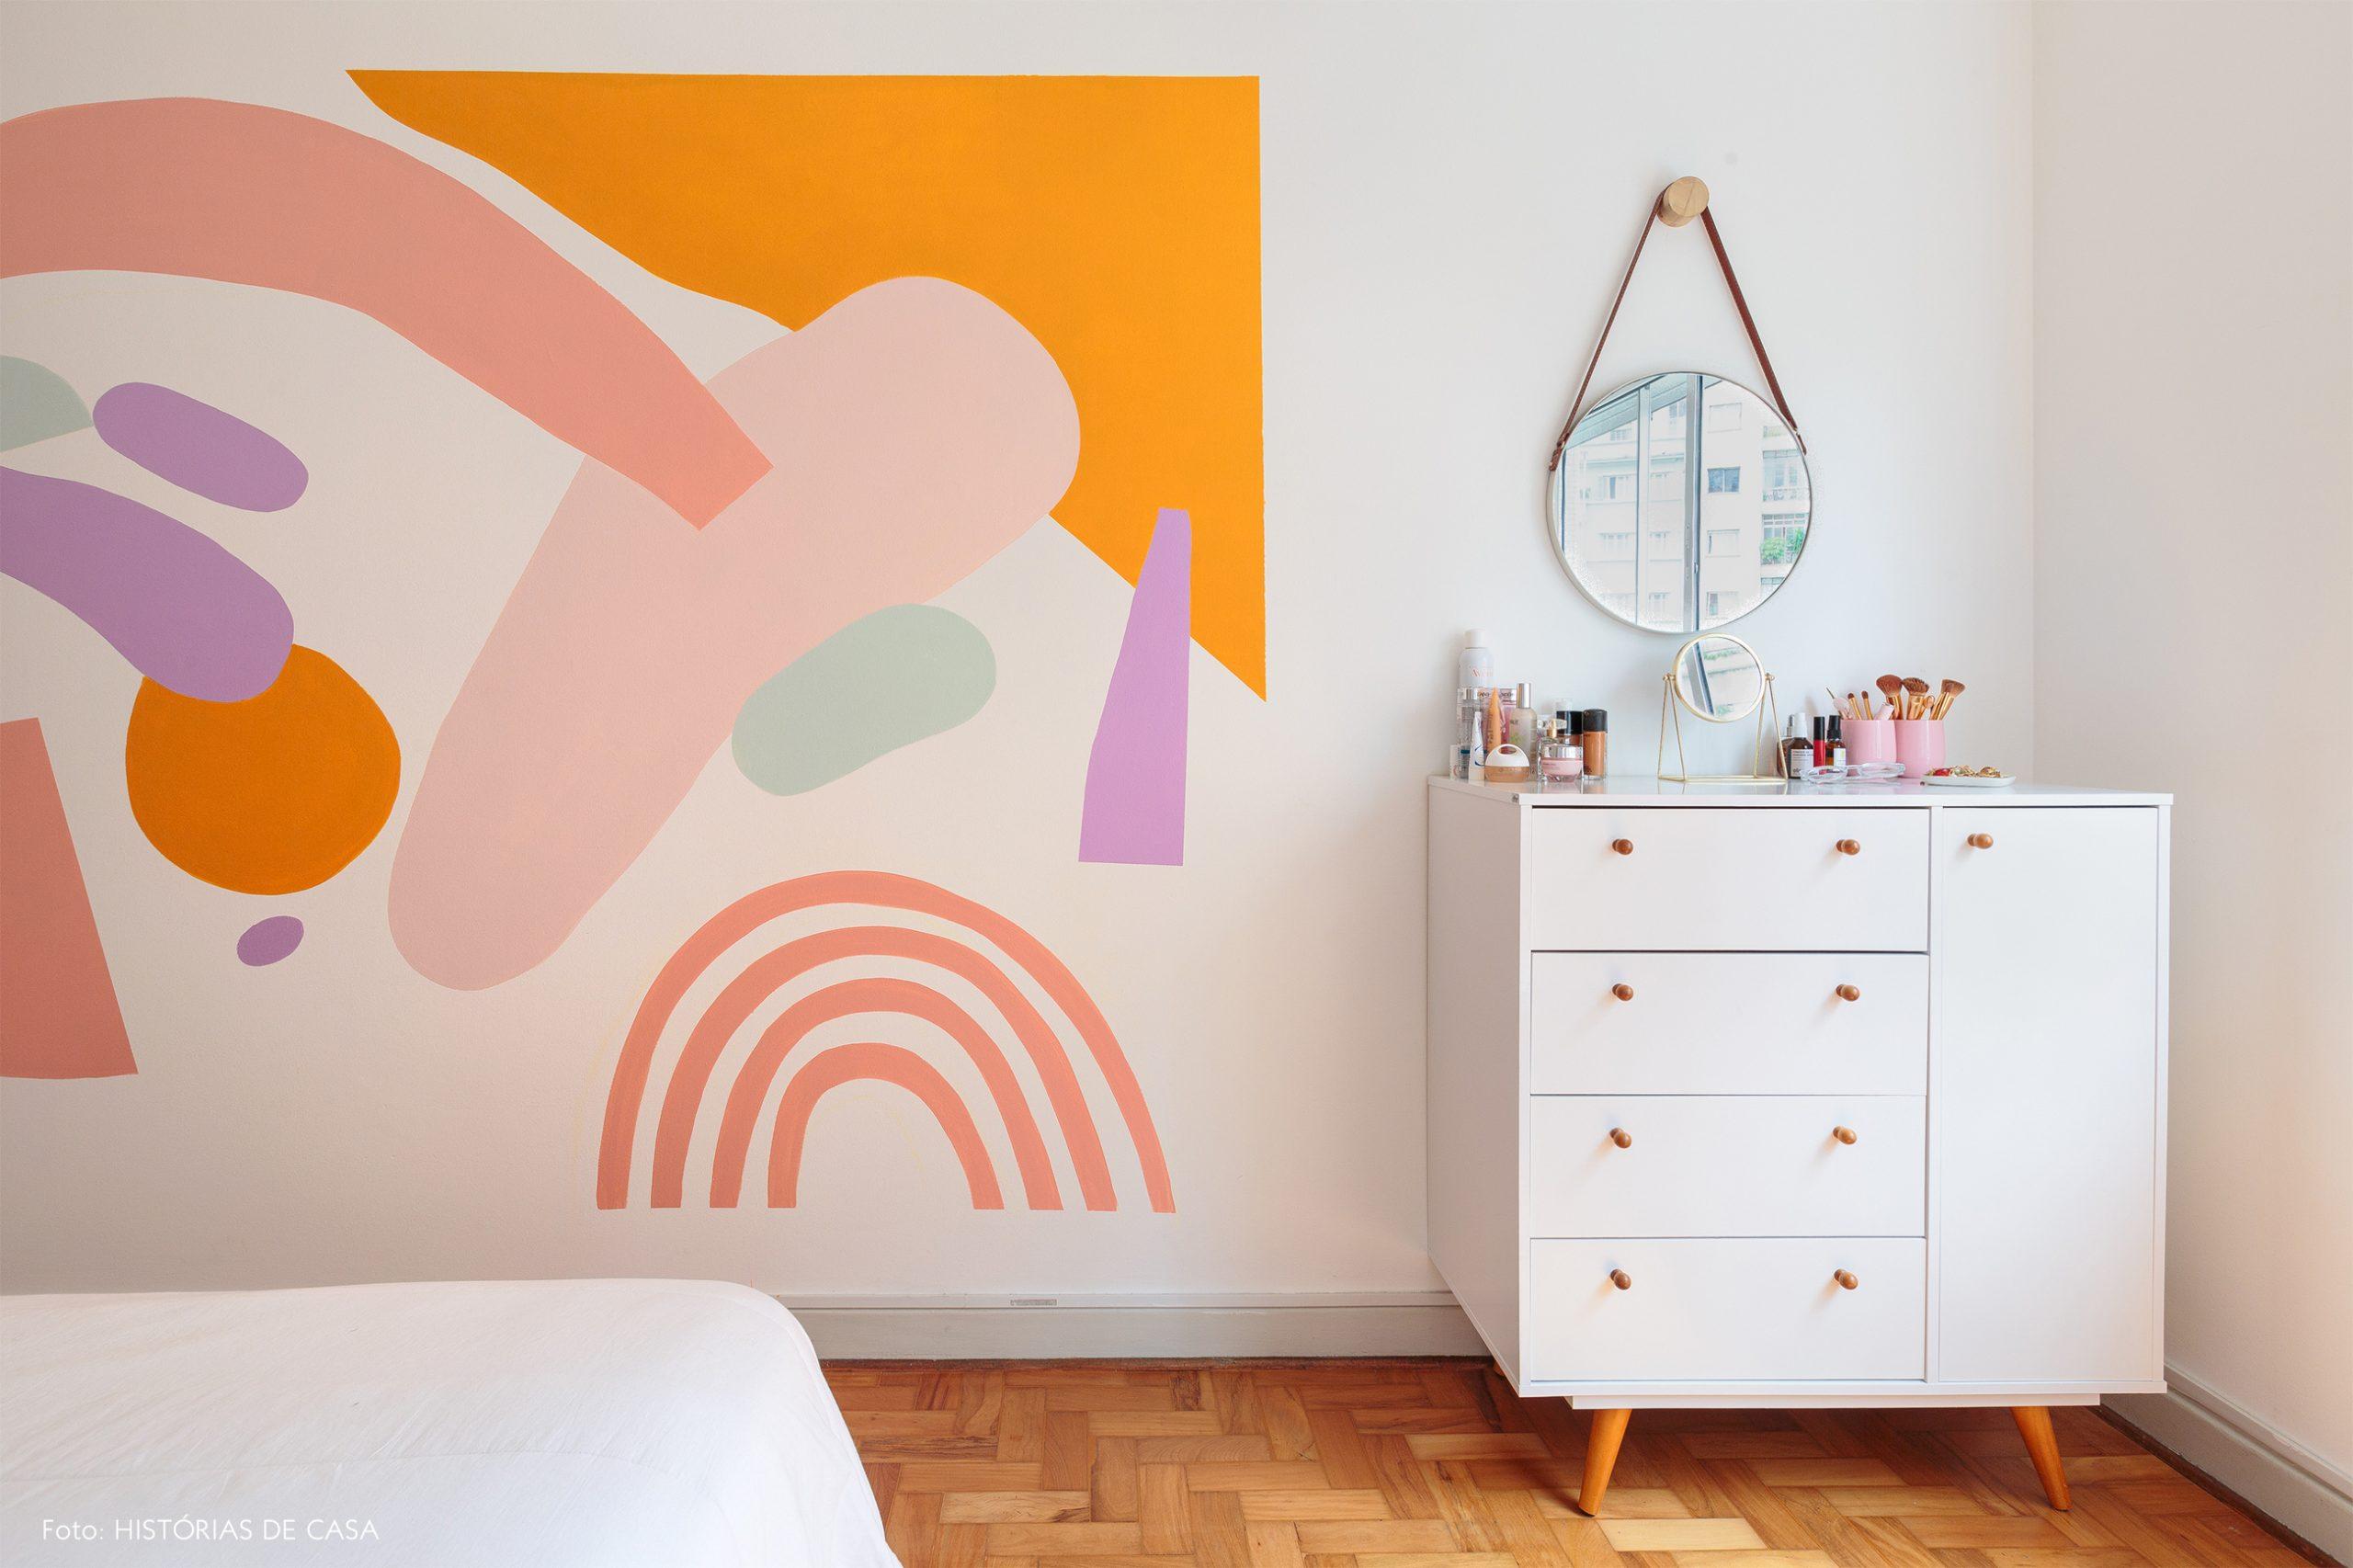 ape alugado decoração quarto com pintra abstrata organica na parede